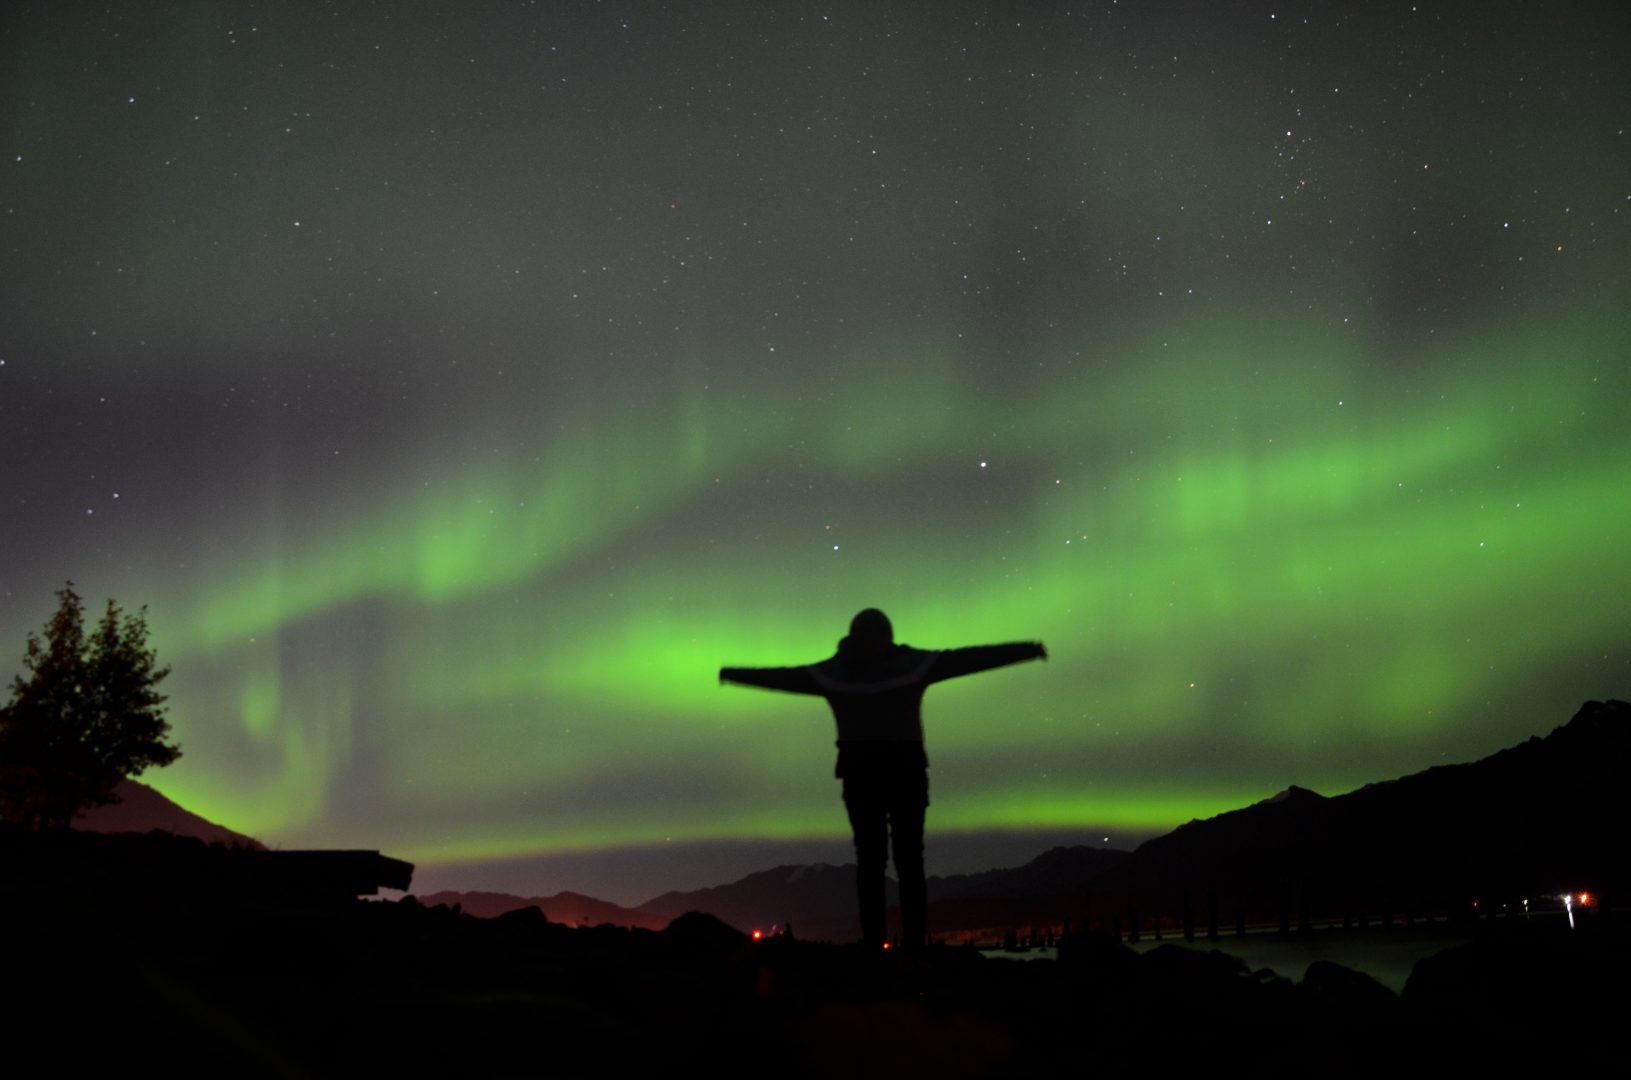 """Моята бригада в Аляска: """"След десетки нощи на чакане, успях да сбъдна голямата си мечта, да видя Aurora Borelis"""""""